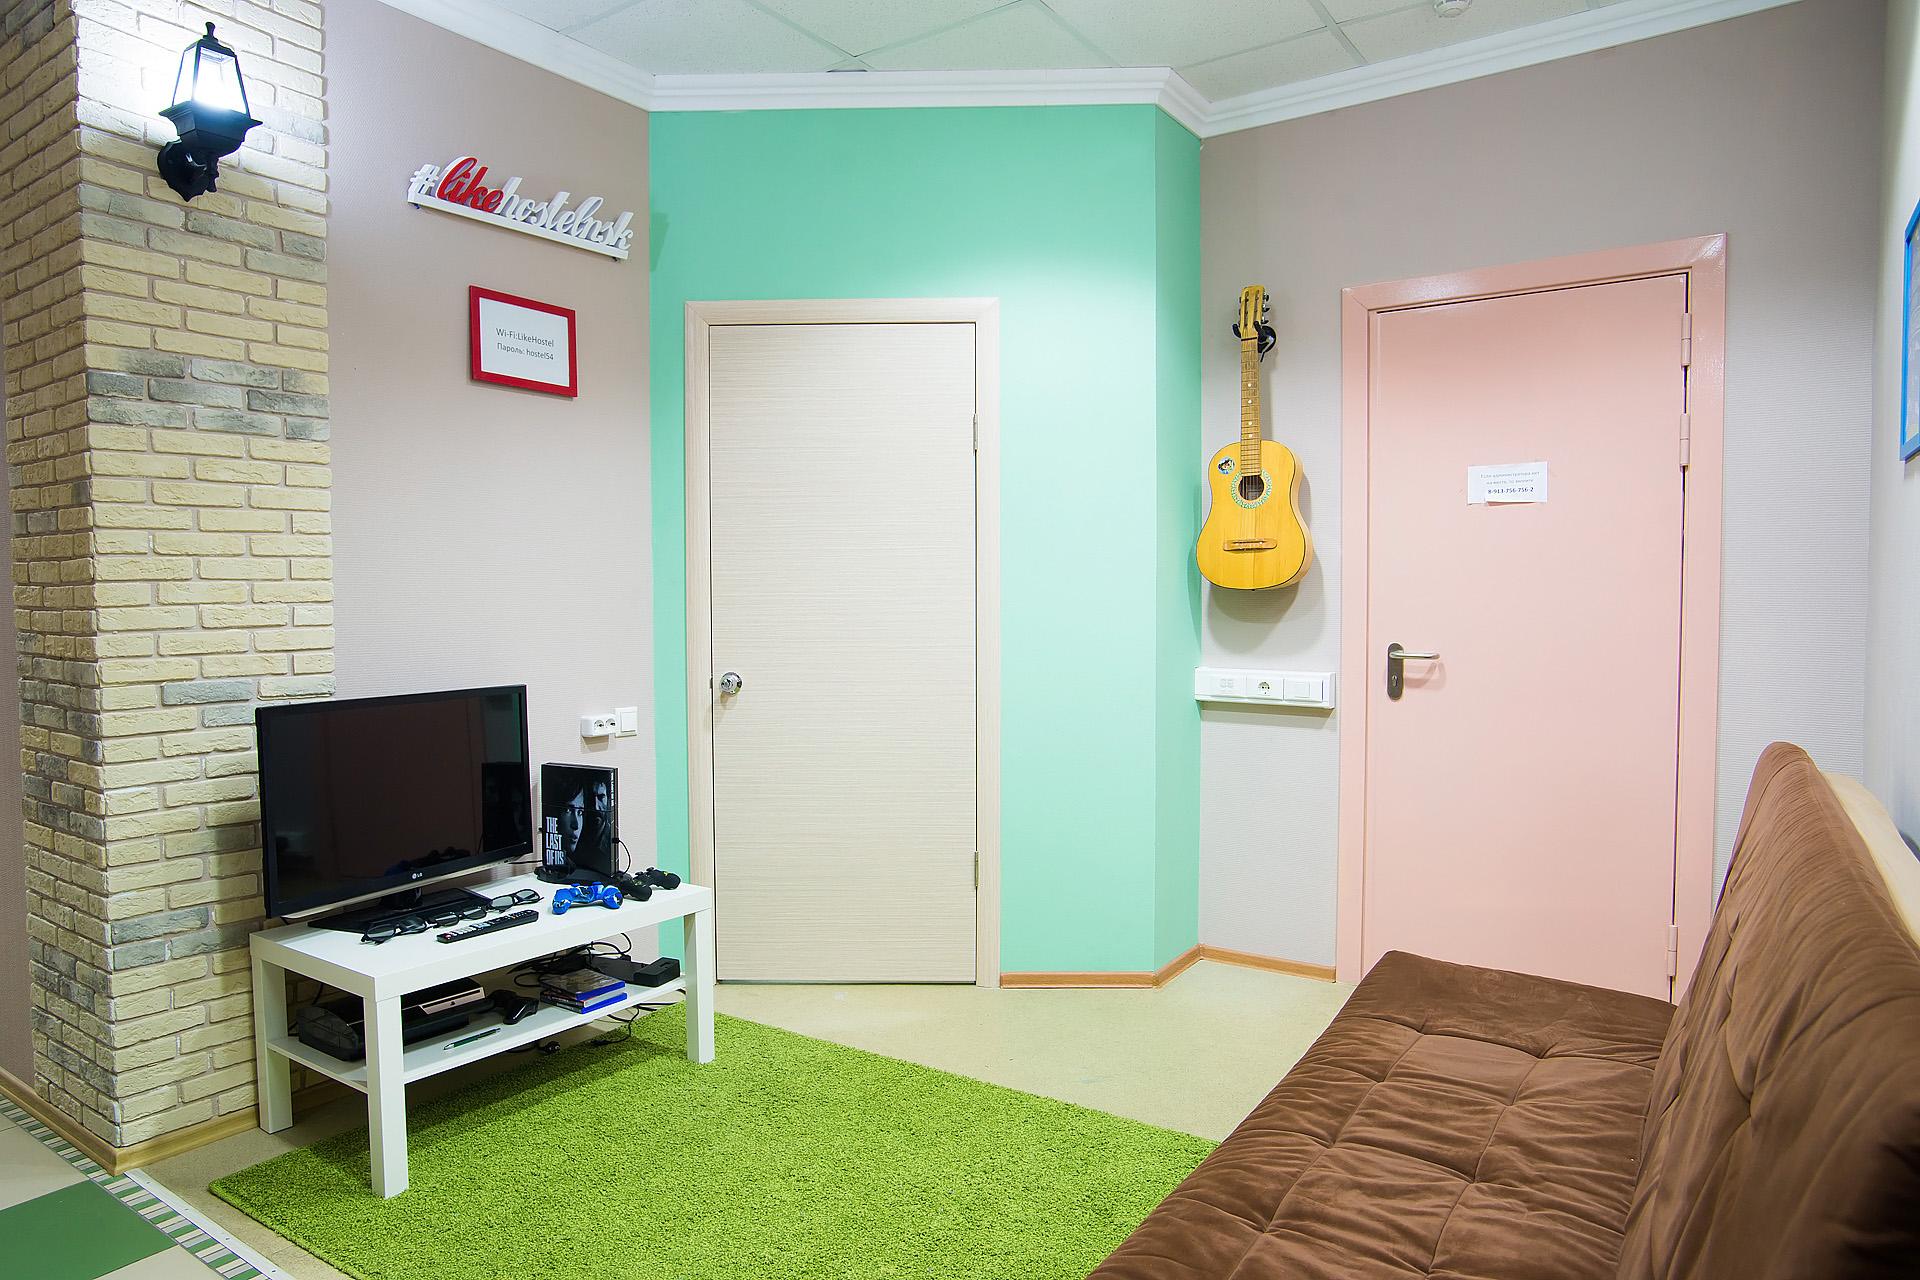 Лучший хостел в Новосибирске: Комфортный сон всего за 350 рублей в стуки, а отдельный номер за 1200 рублей!